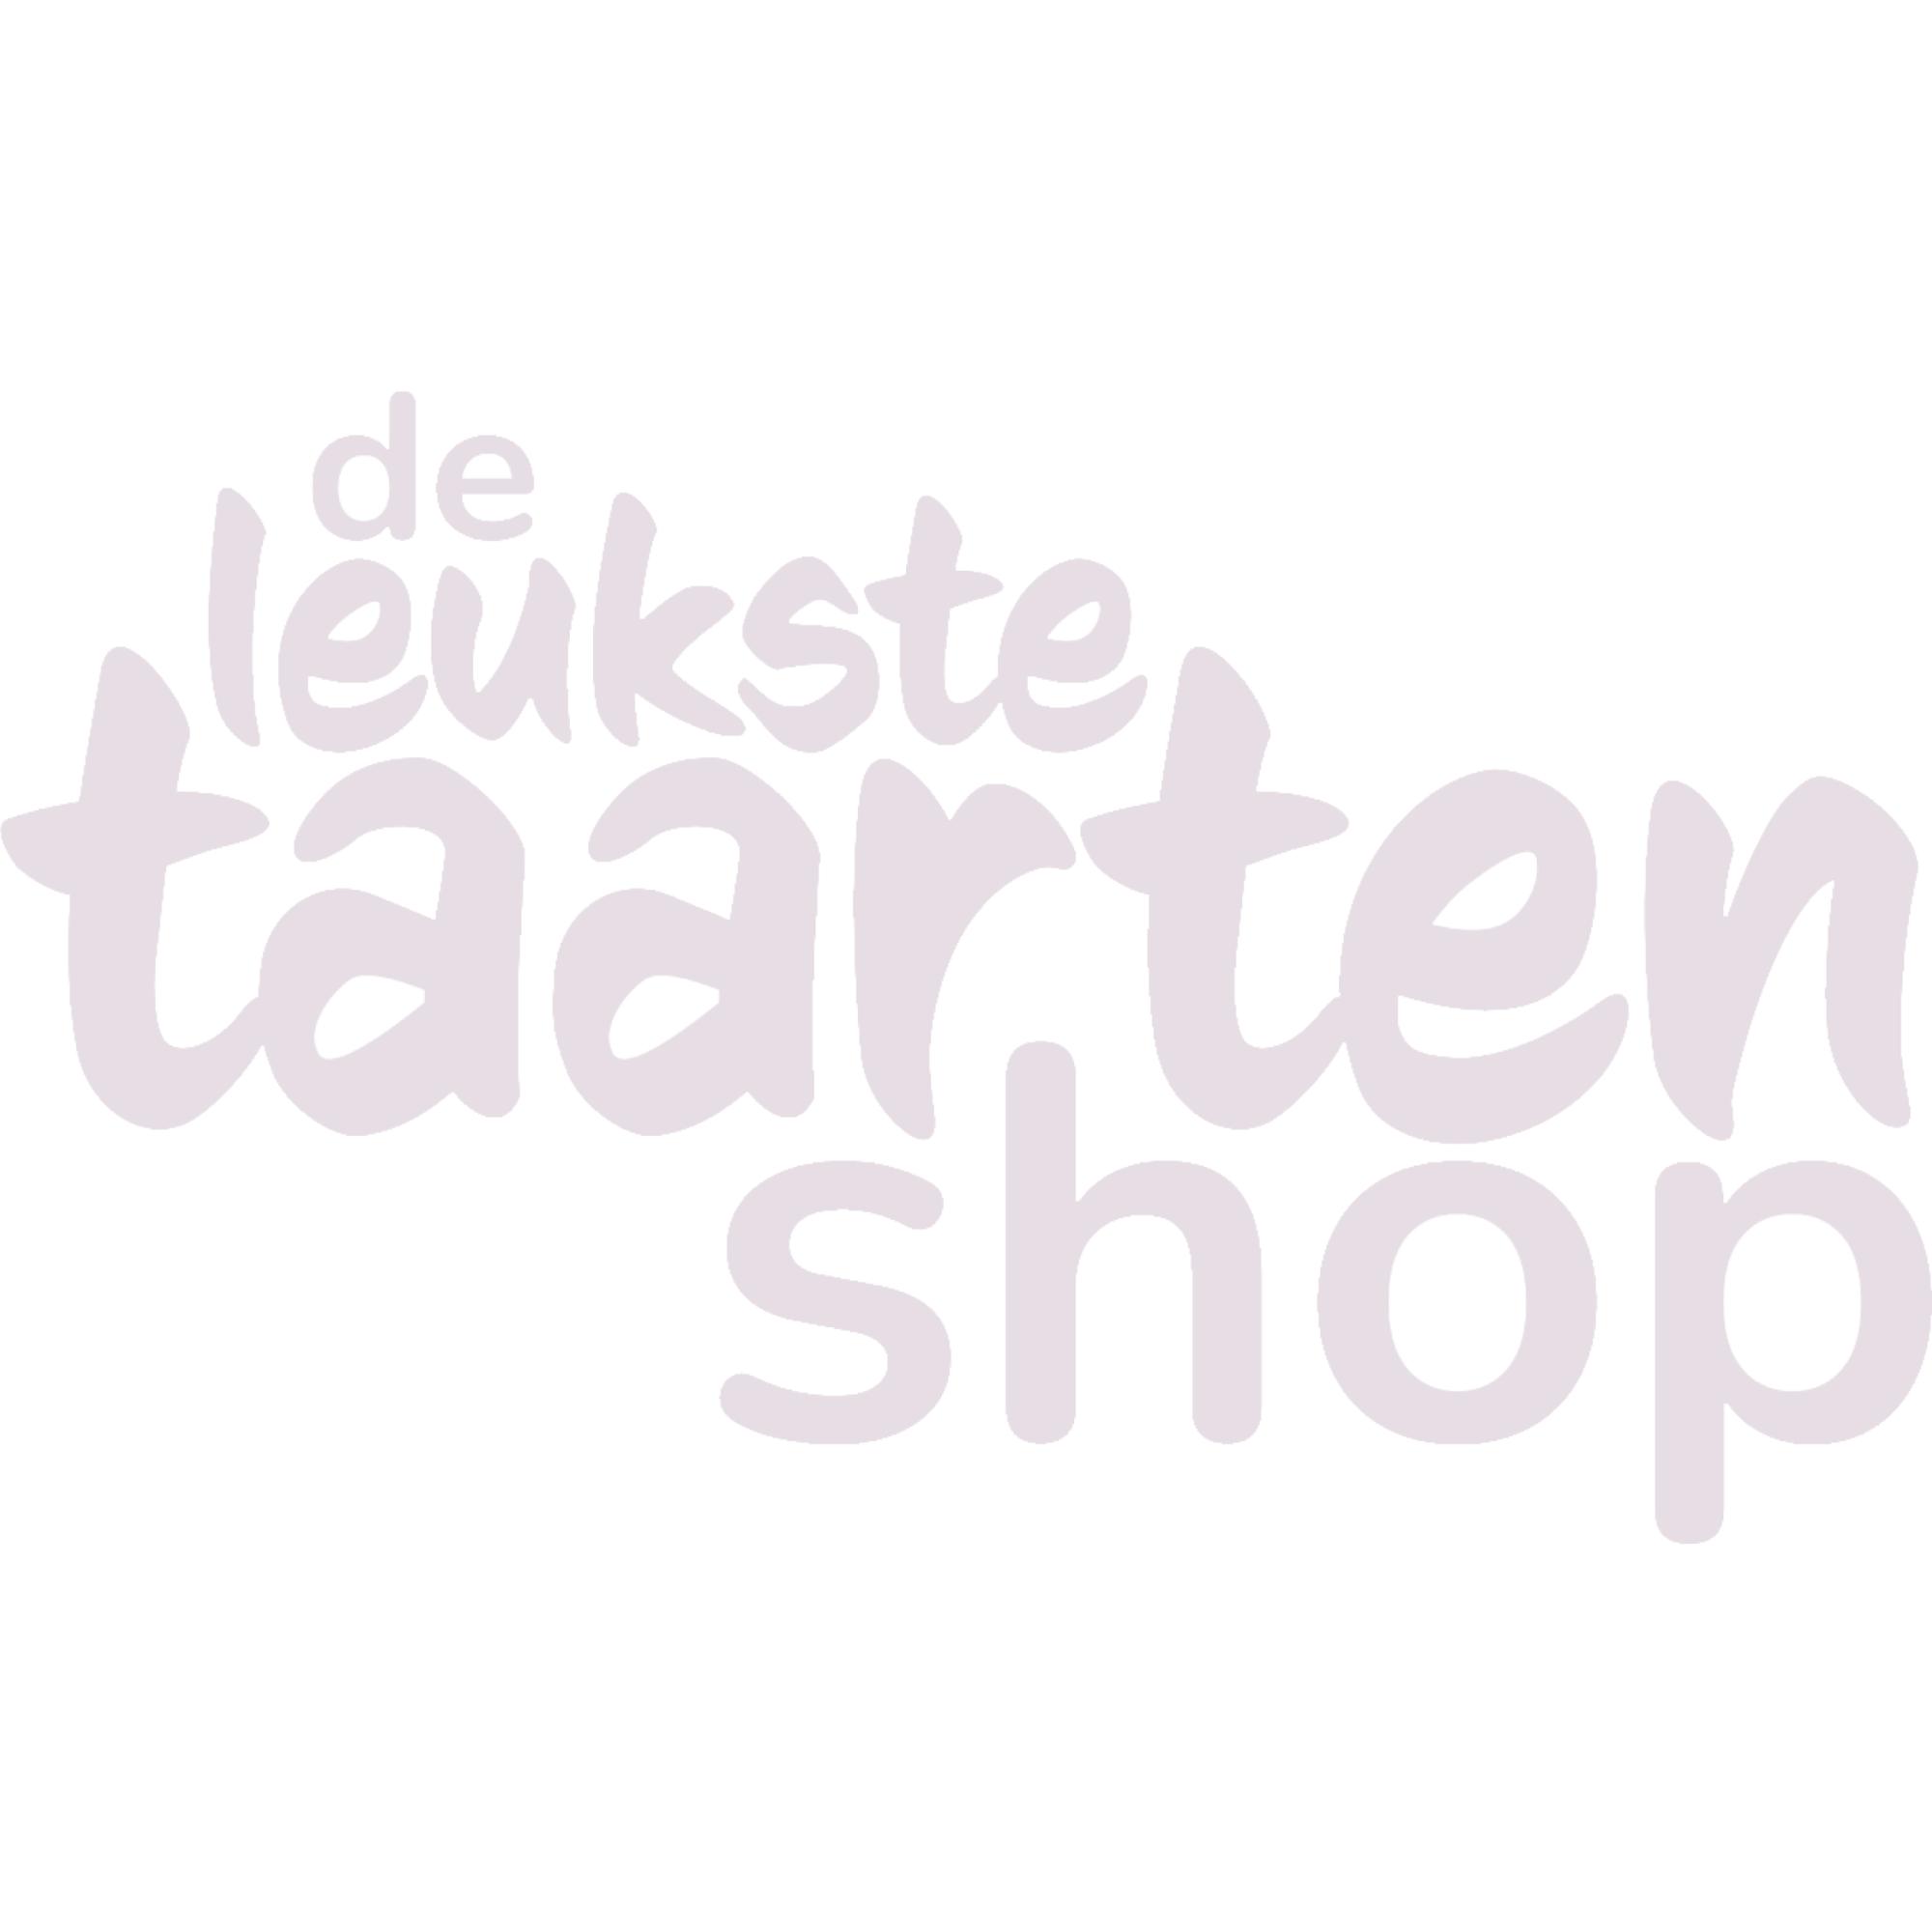 Fabulous Recept: Recept voor Verjaardagstaart 80jaar | Deleukstetaartenshop.nl TC-12